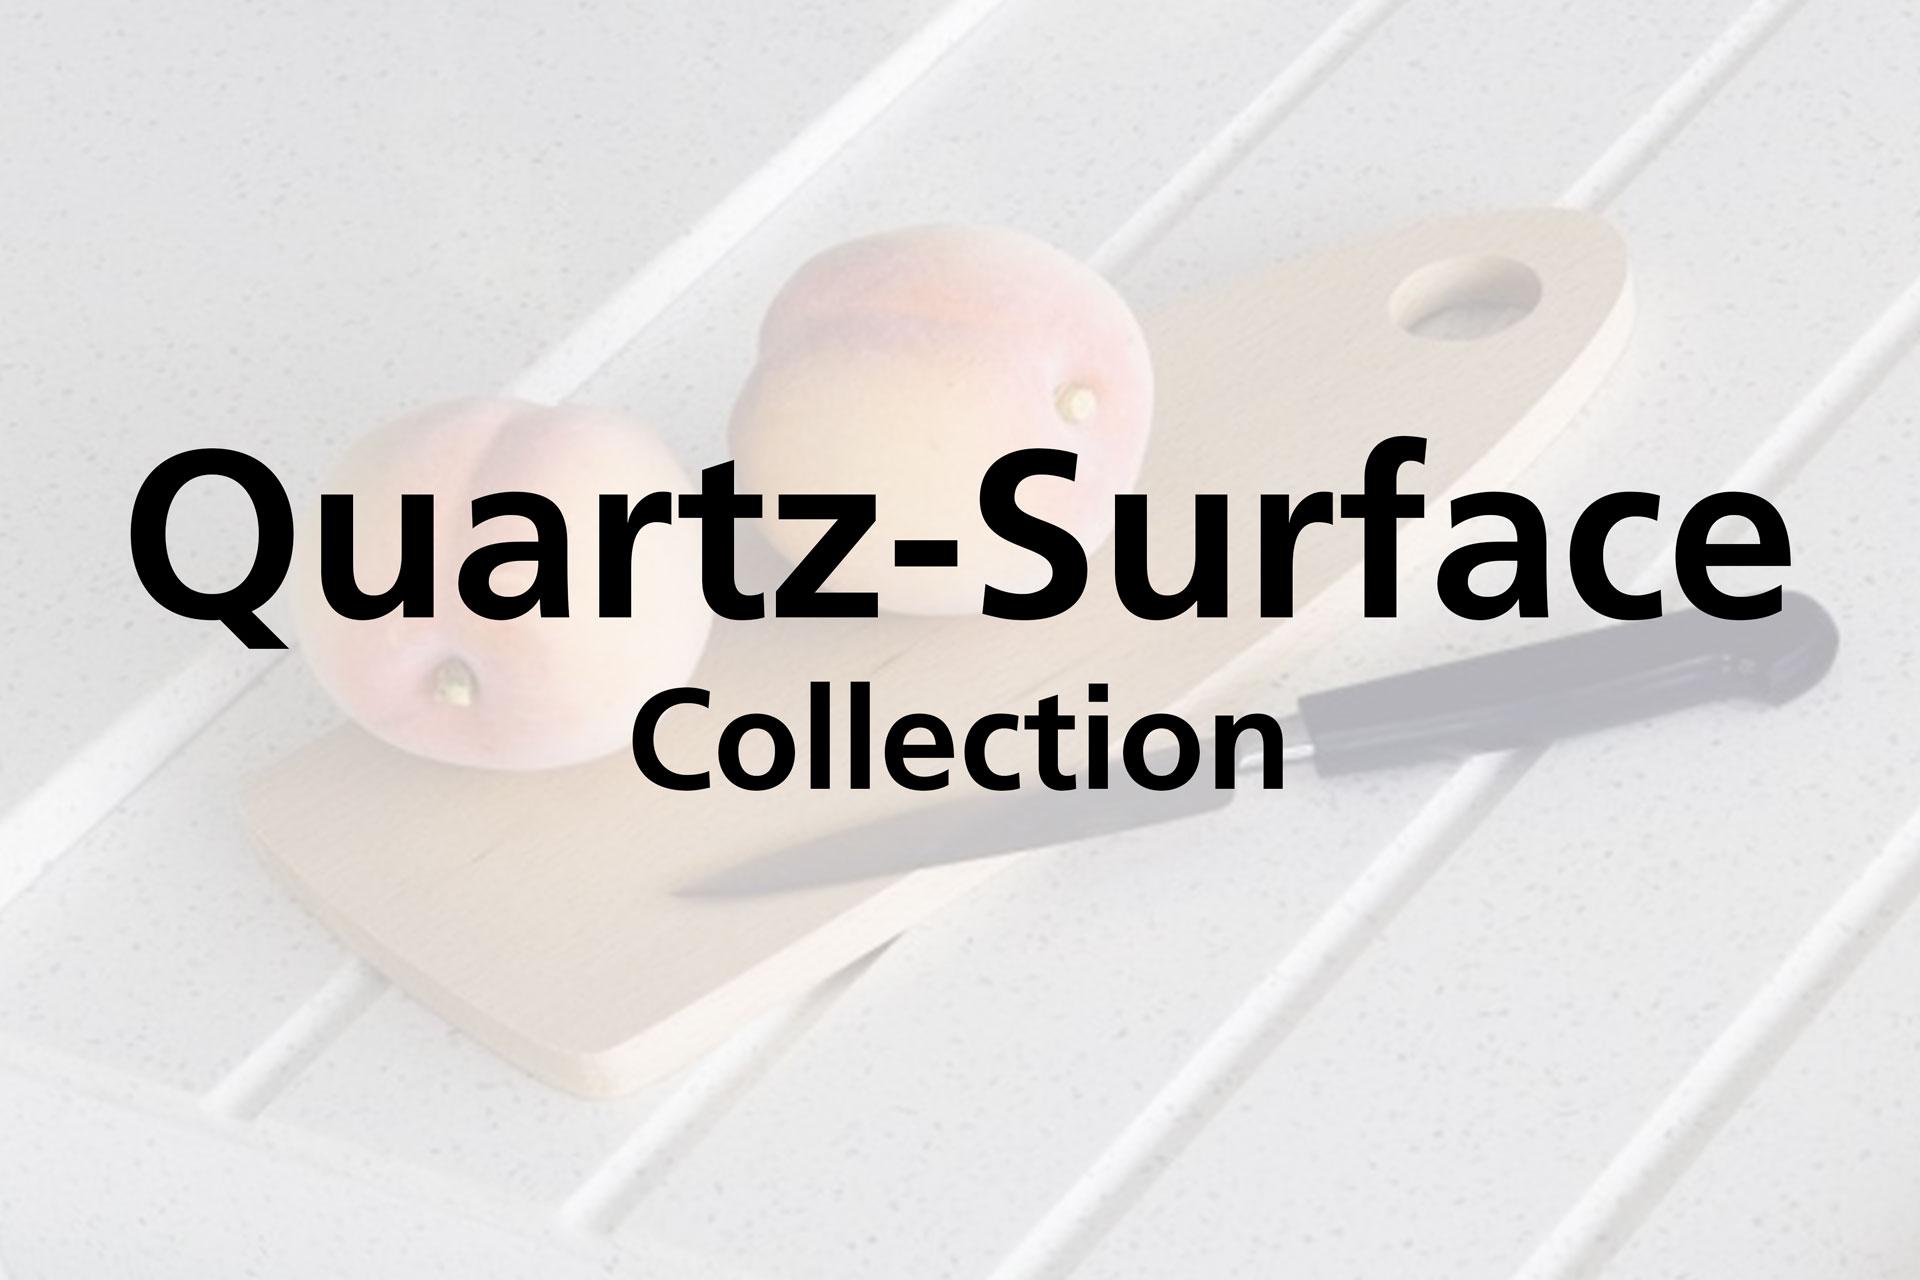 quartz_surface_collection